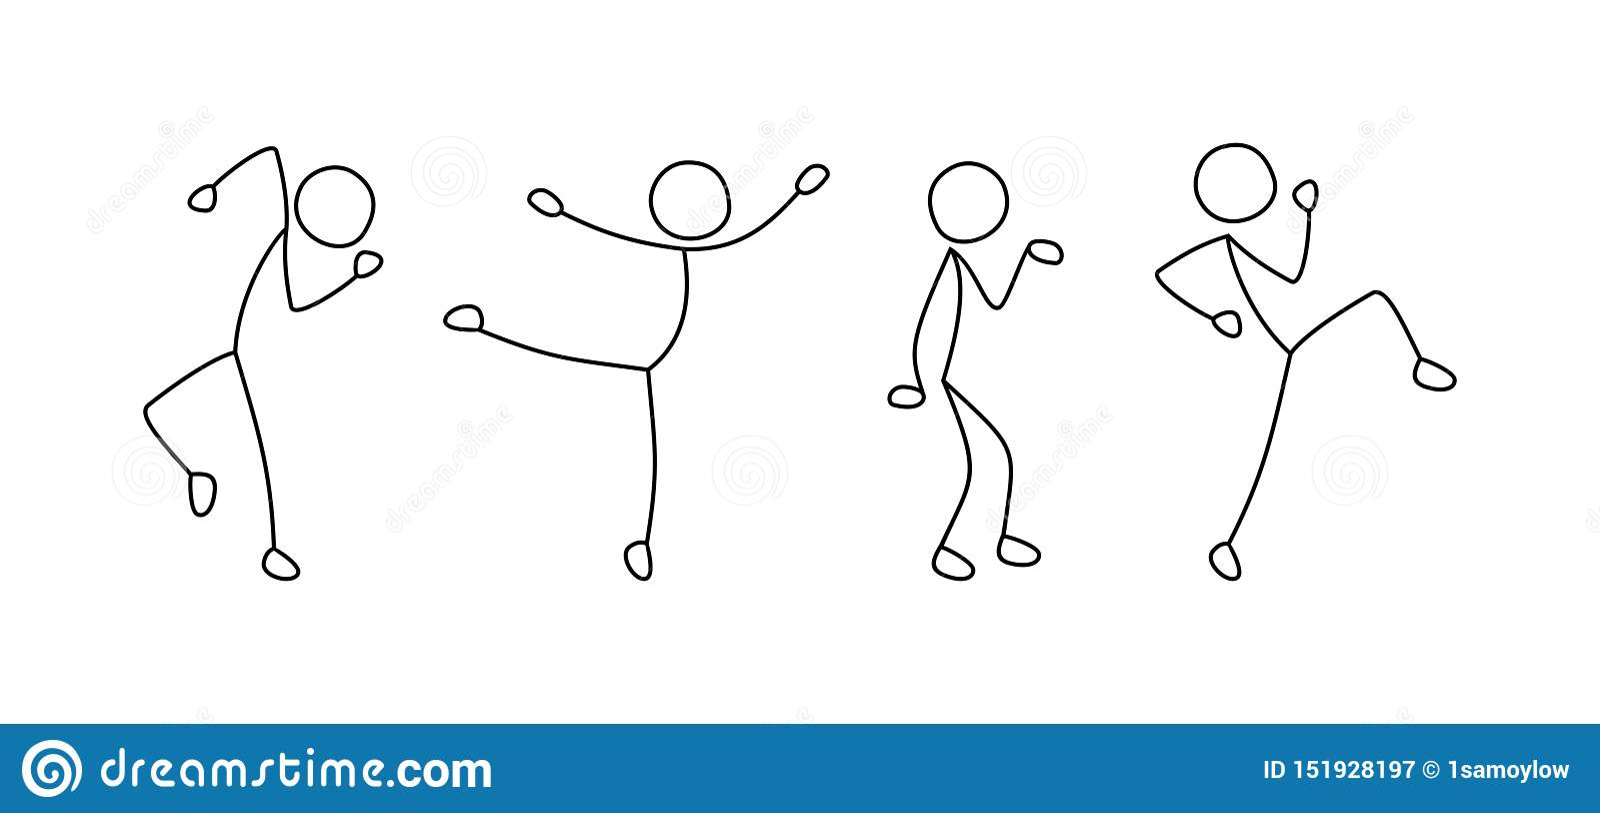 Χορεύοντας άνθρωποι, ελεύθερο σχέδιο, σκίτσο